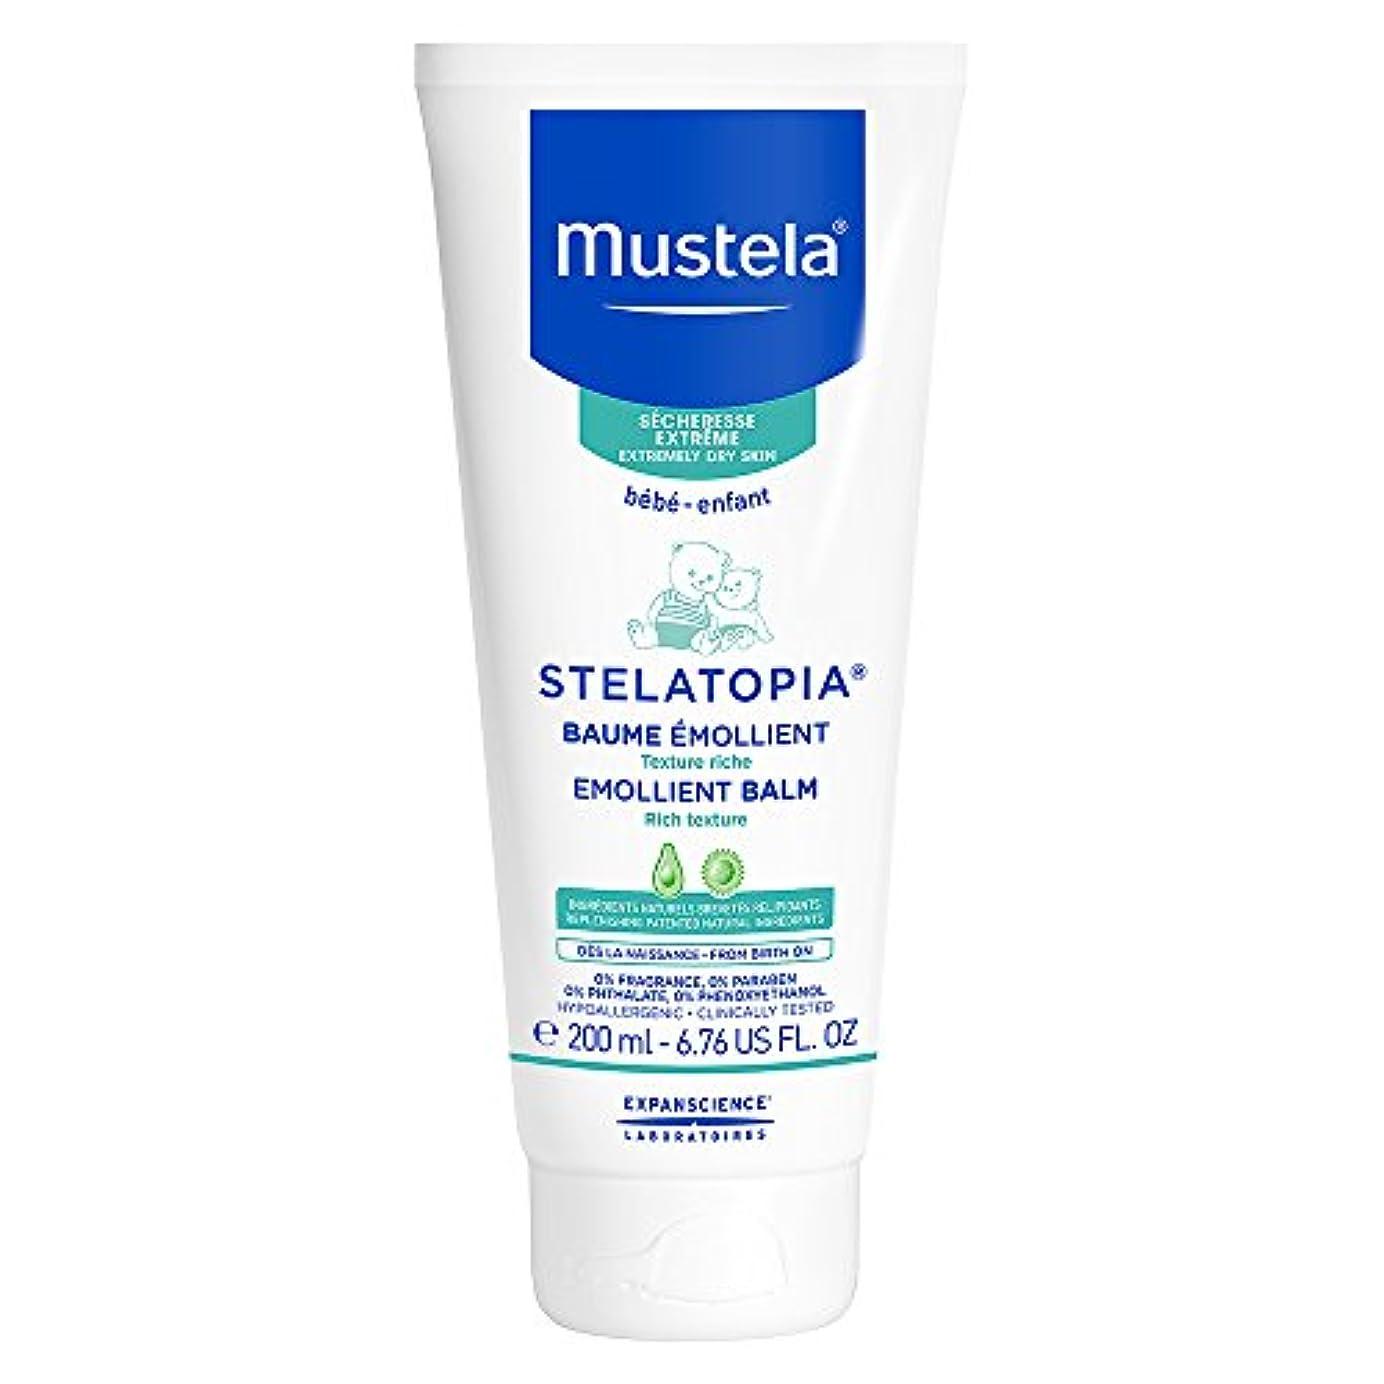 硫黄サイバースペース風刺Mustela - Stelatopia Emollient Balm (6.76 oz.)